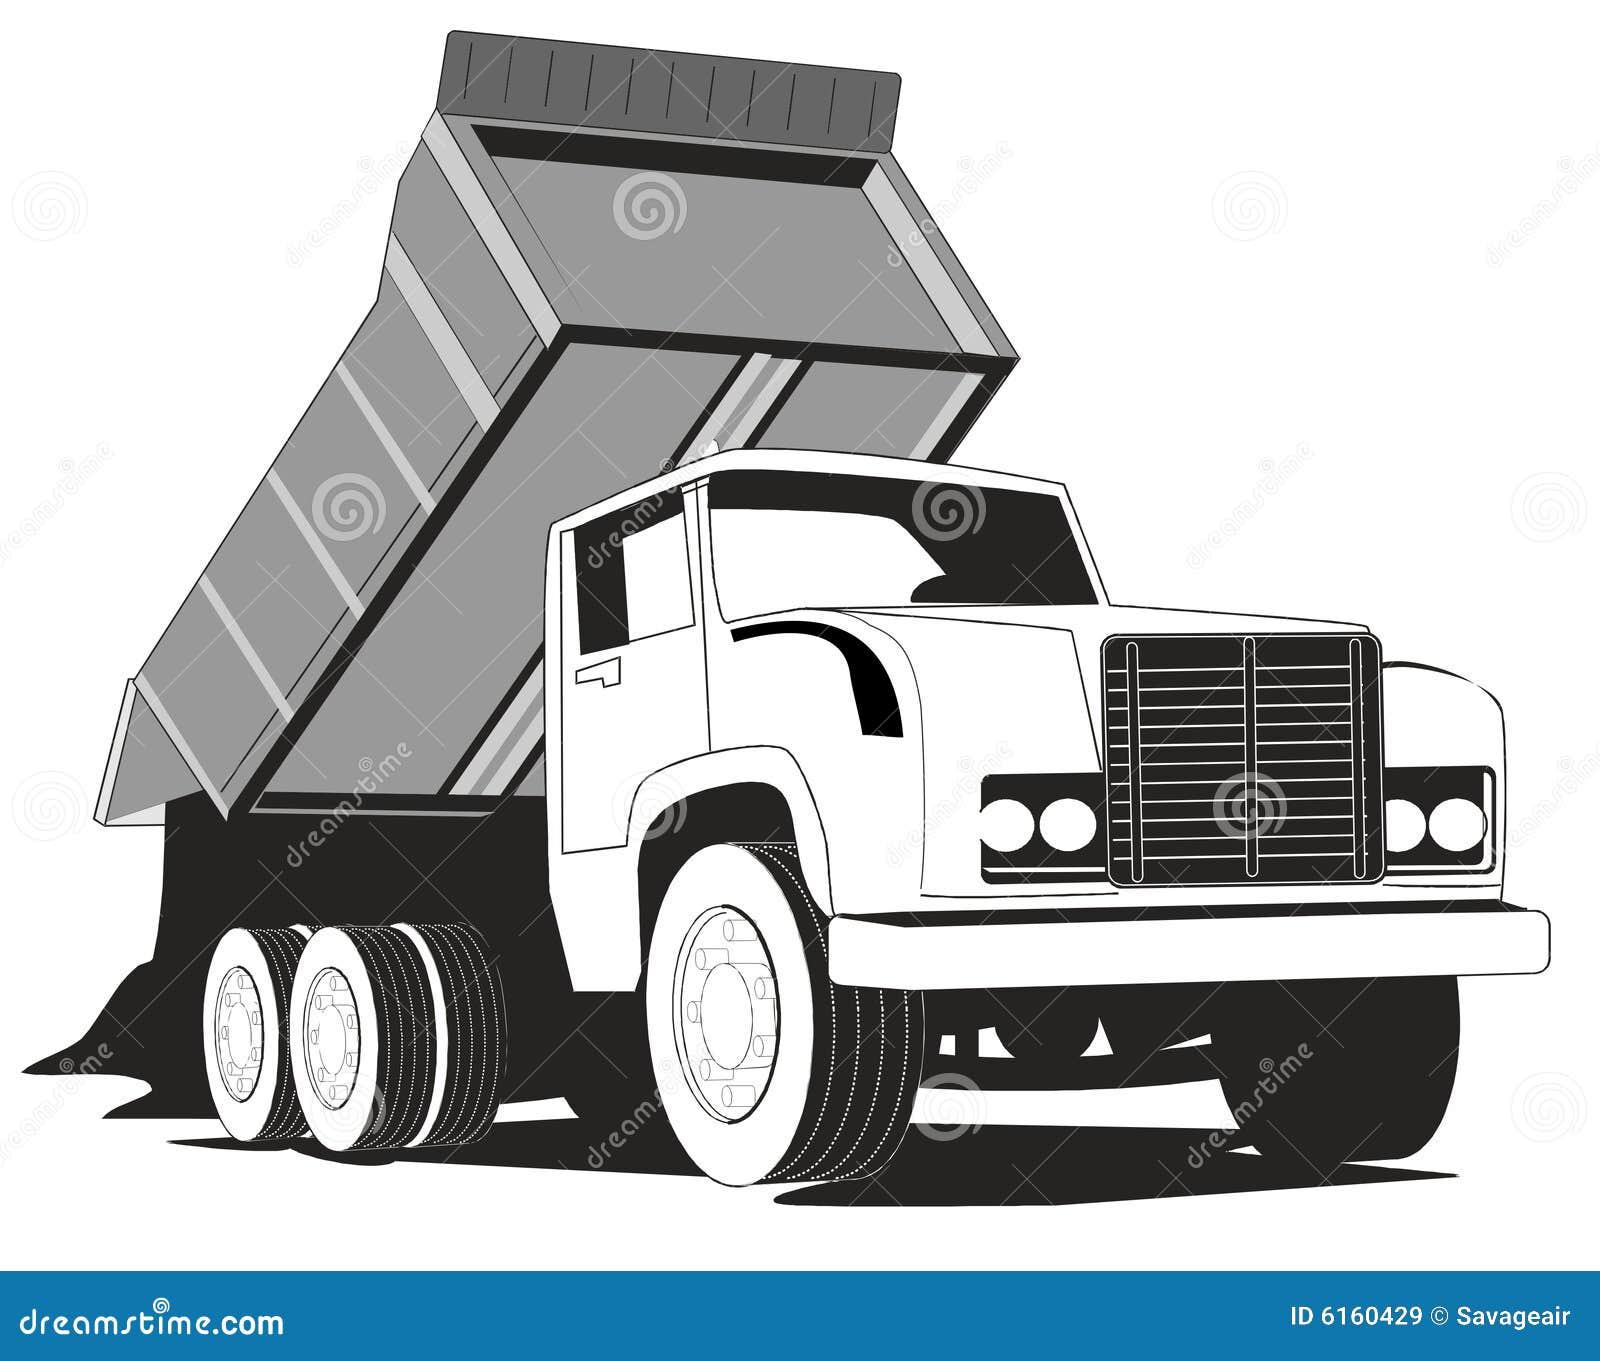 Simple Dump Truck Stock Vector Image Of Basic White